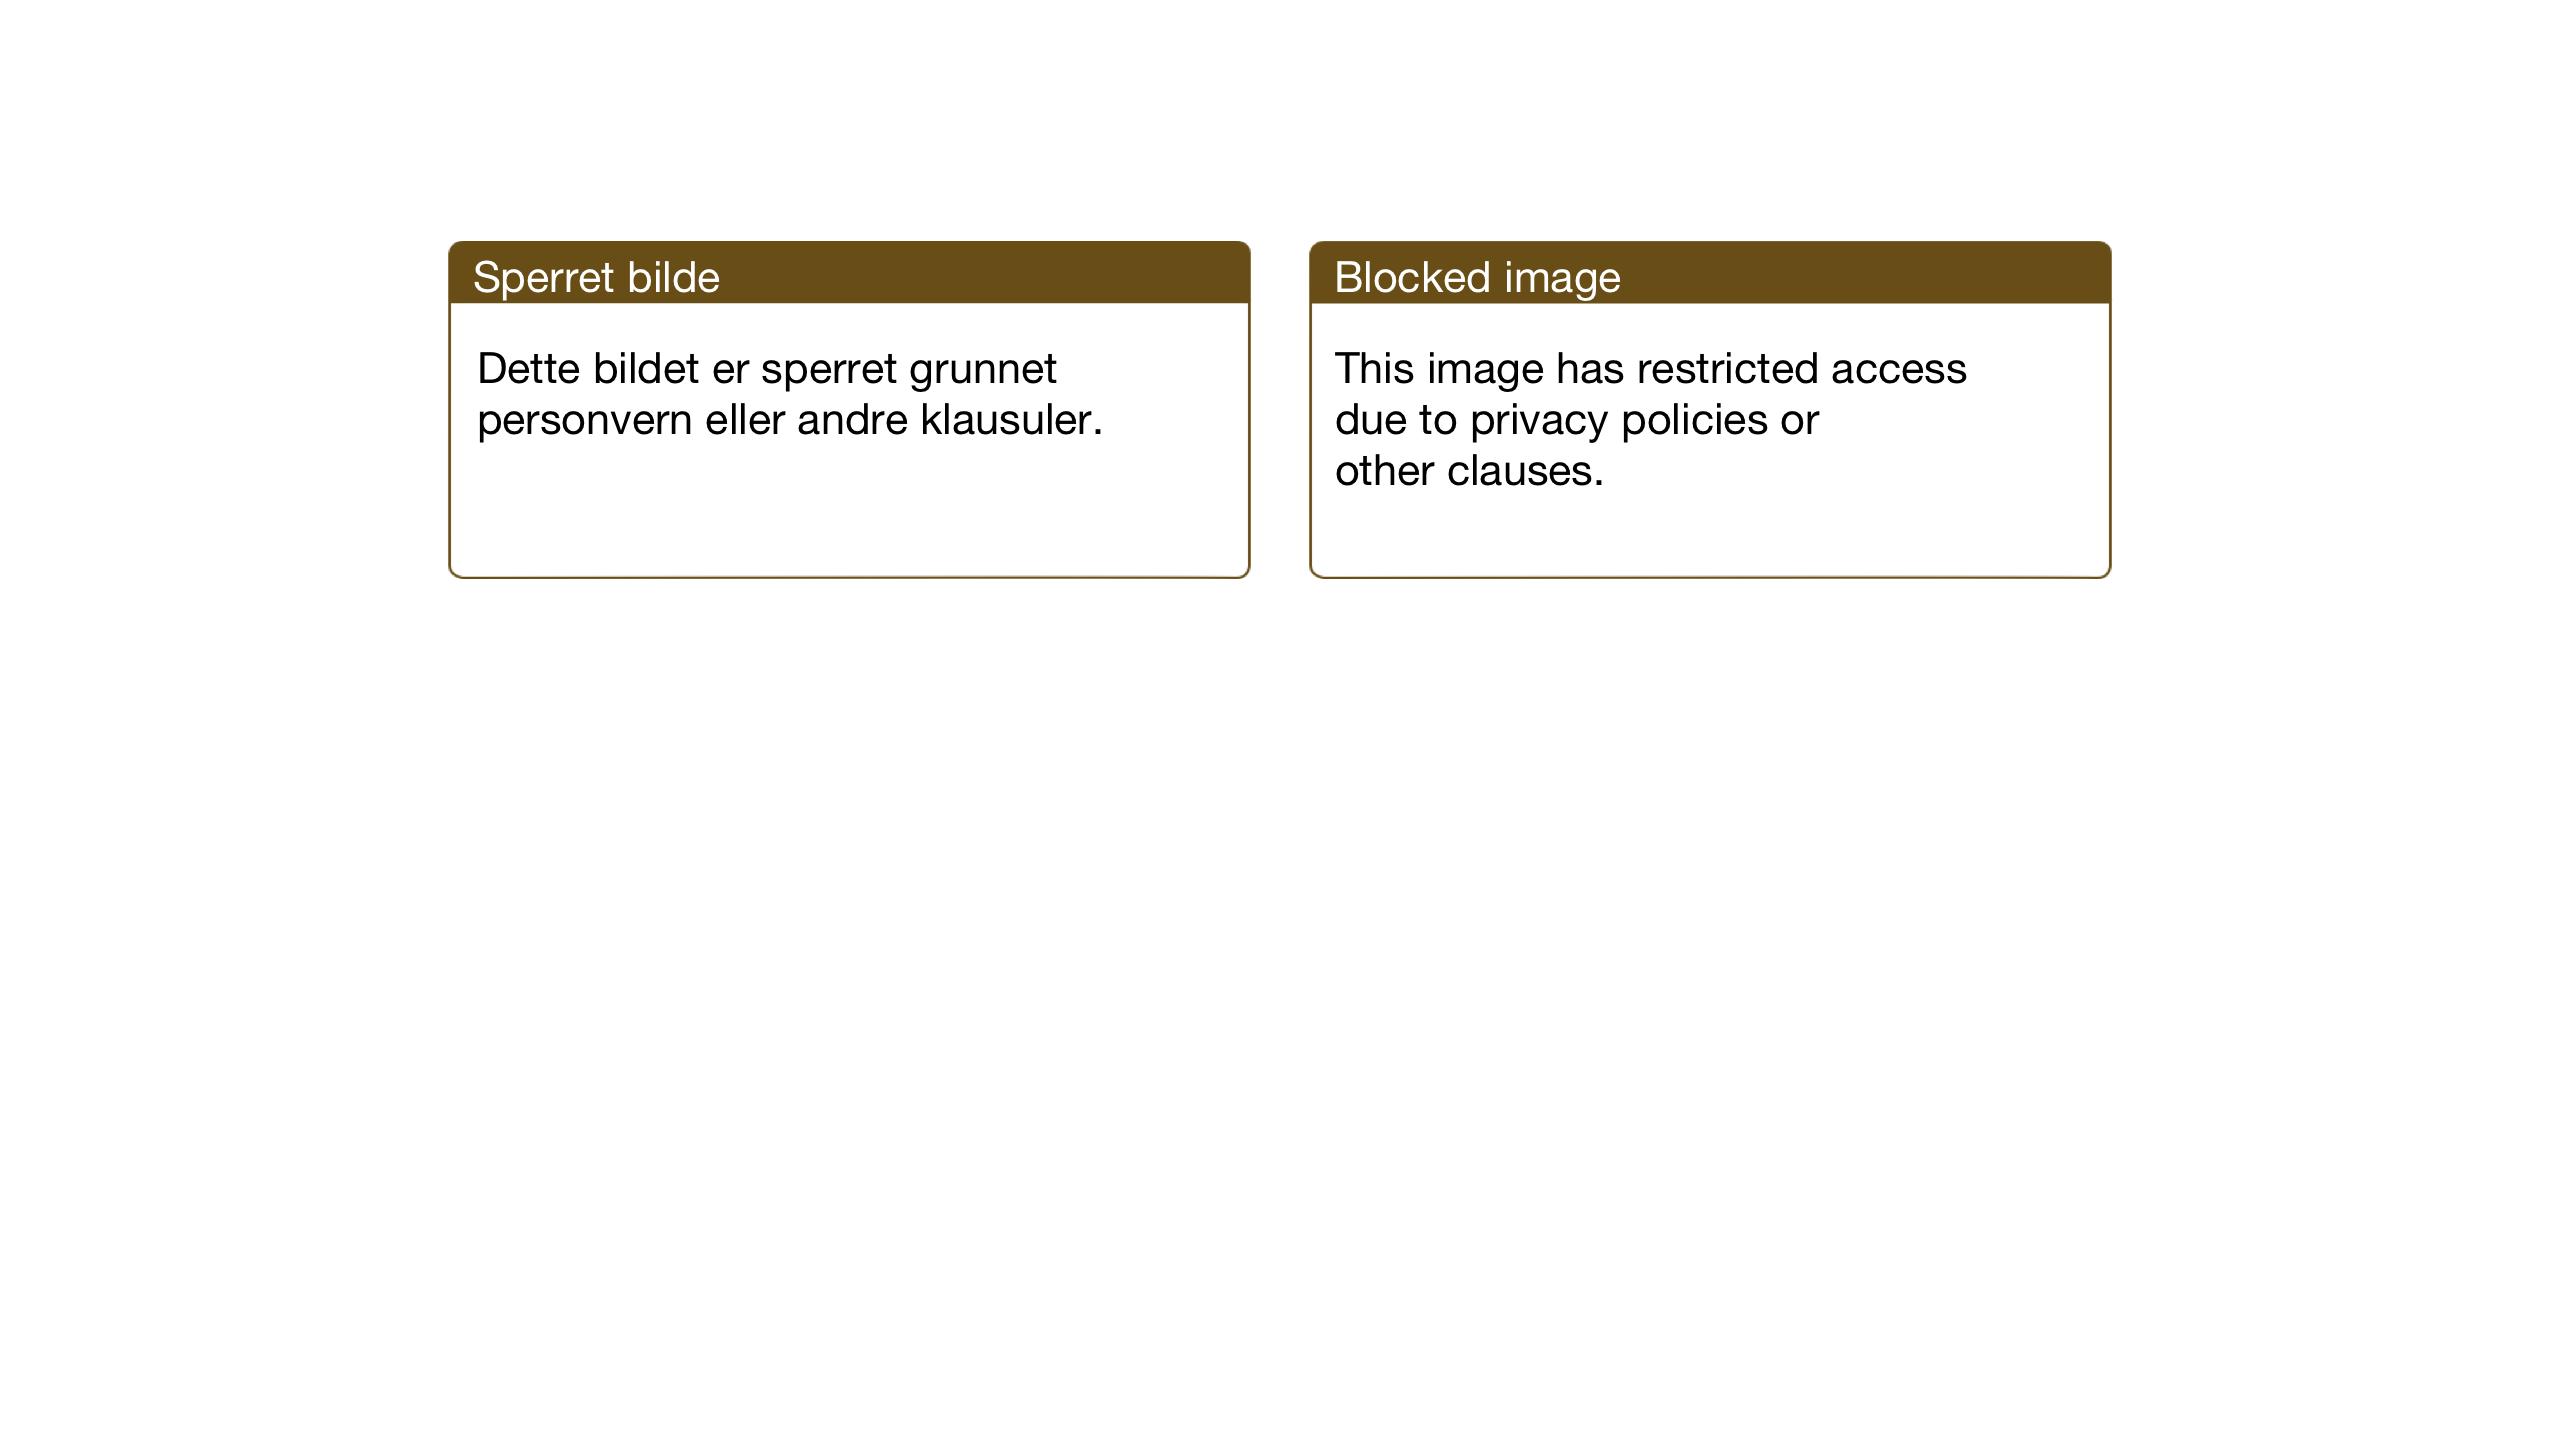 SAT, Ministerialprotokoller, klokkerbøker og fødselsregistre - Sør-Trøndelag, 602/L0148: Klokkerbok nr. 602C16, 1919-1939, s. 111